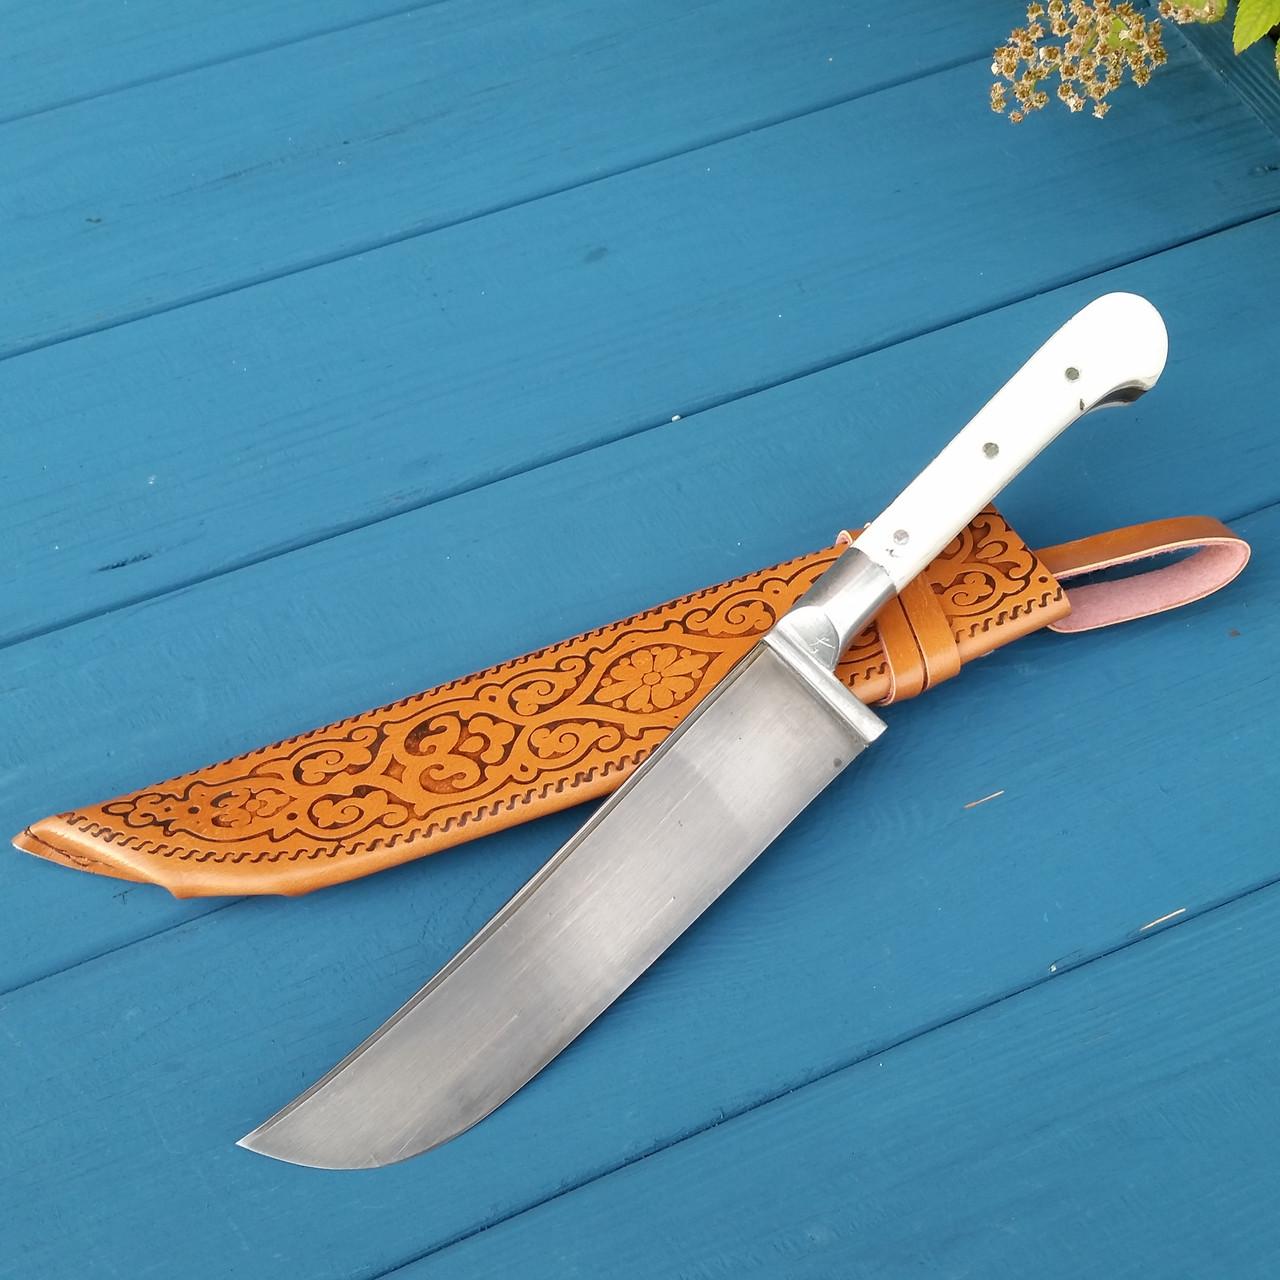 Узбекский традиционный нож-пчак